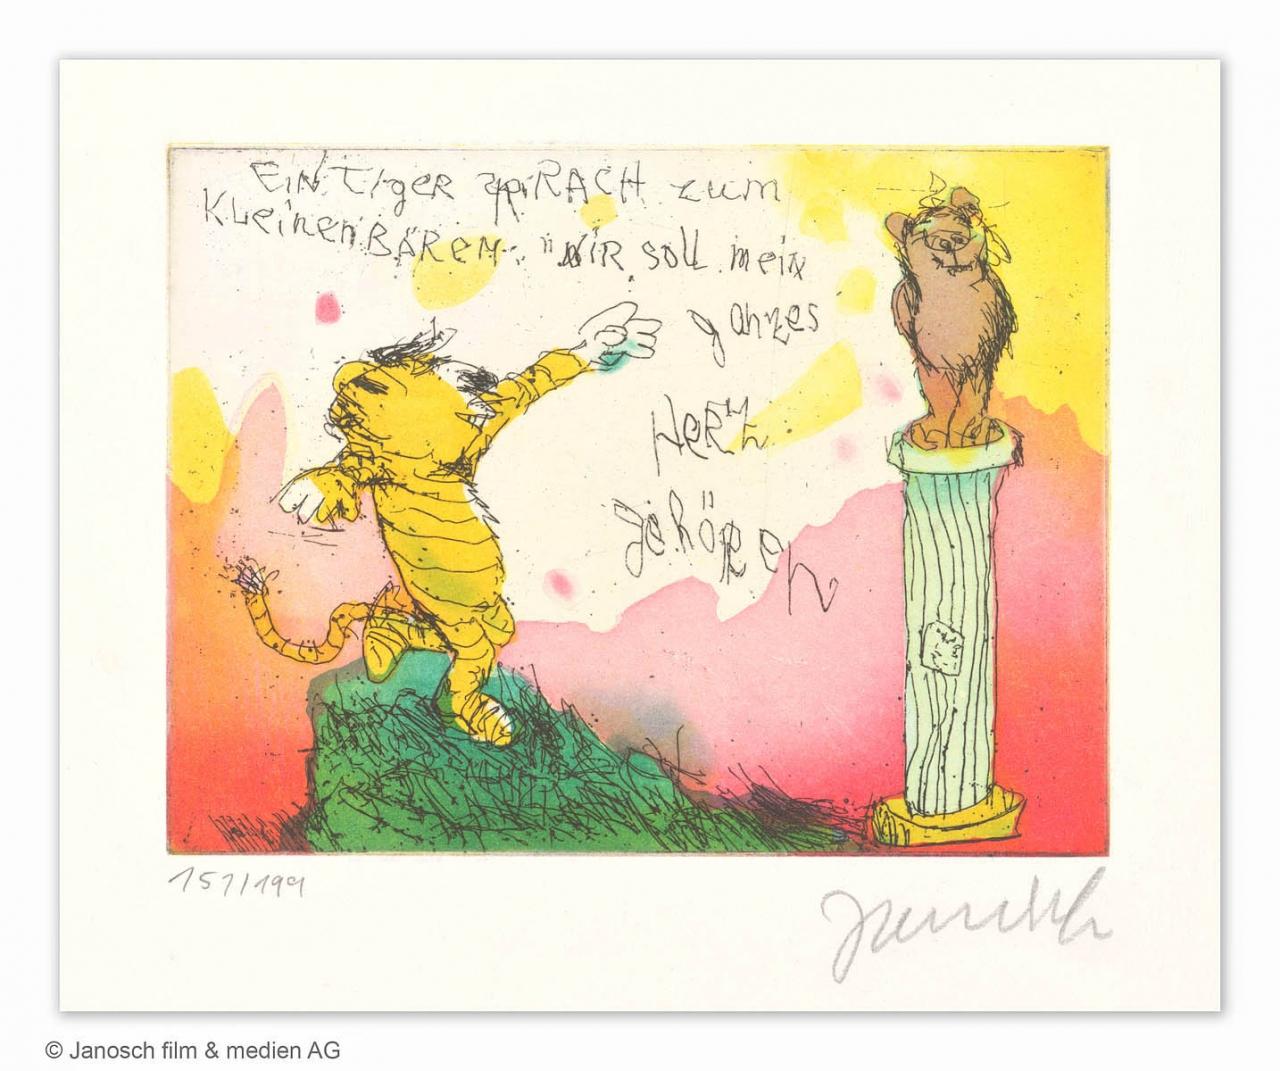 Ein Tiger sprach zum kleinen Bären, Dir soll mein ganzes Herz gehören